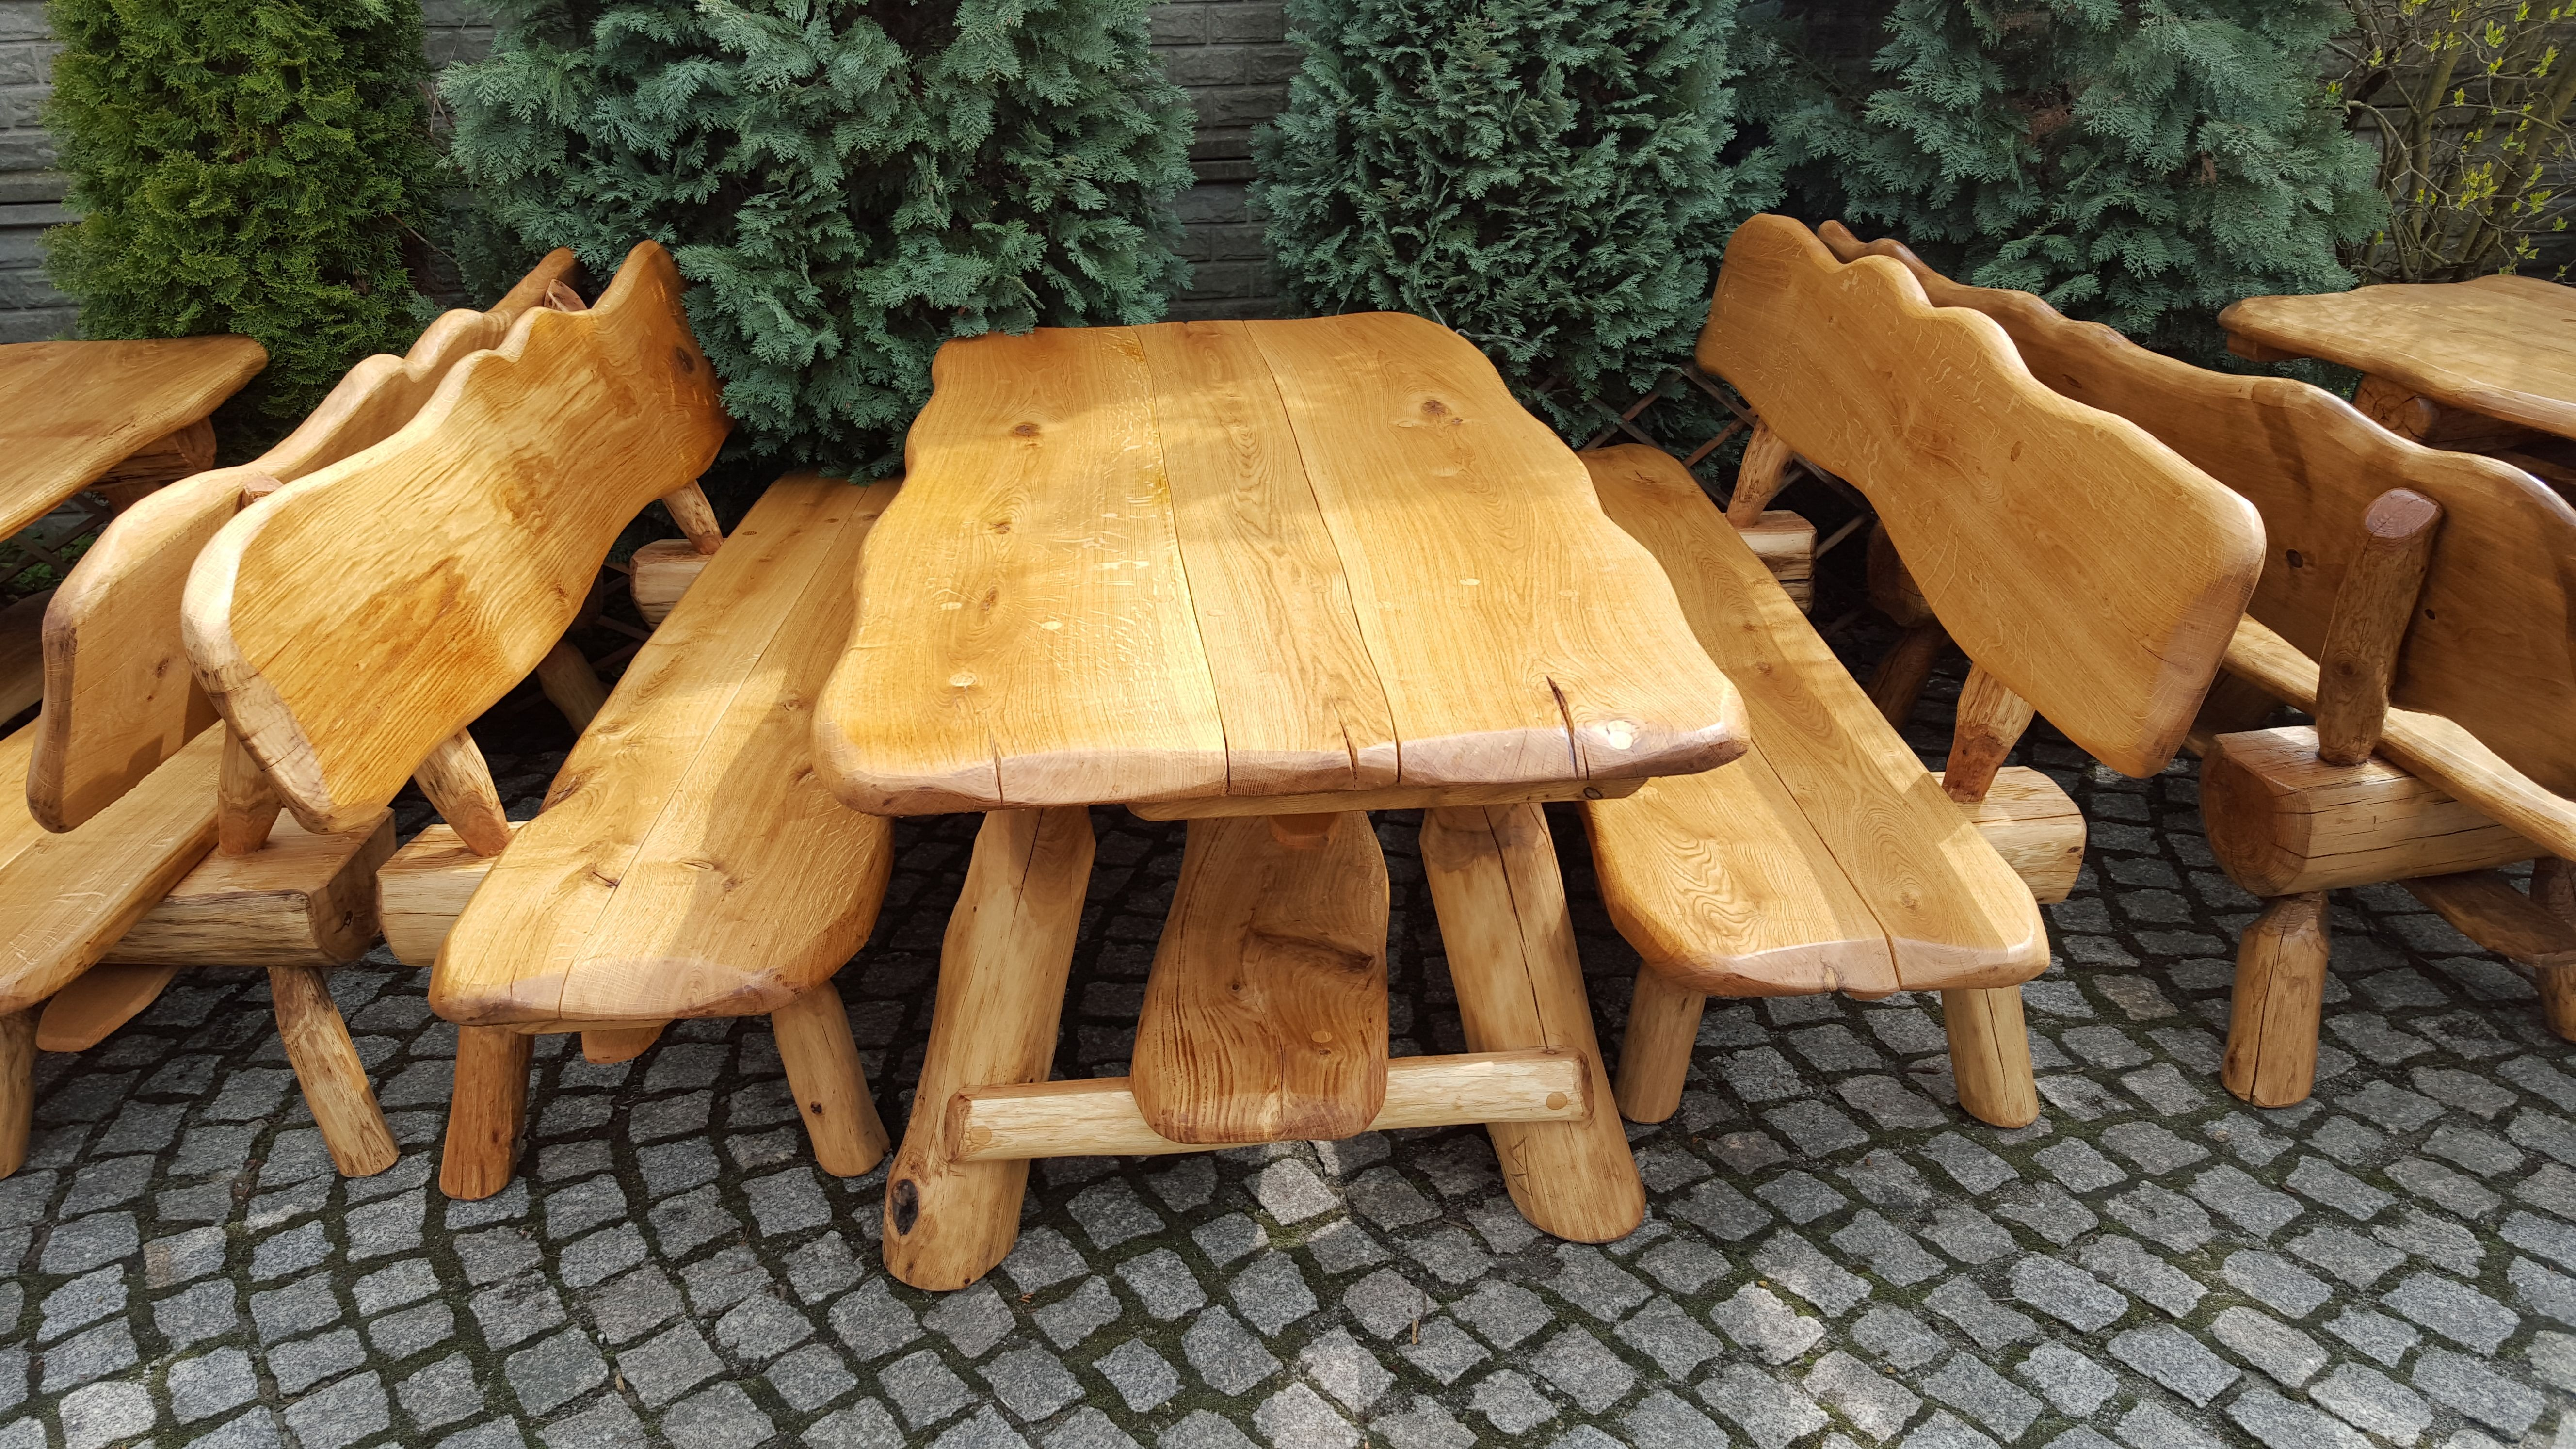 Gartengarnituren Aus Holz Massiv In 2021 Gartengarnitur Holz Gartenbank Holz Massiv Holz